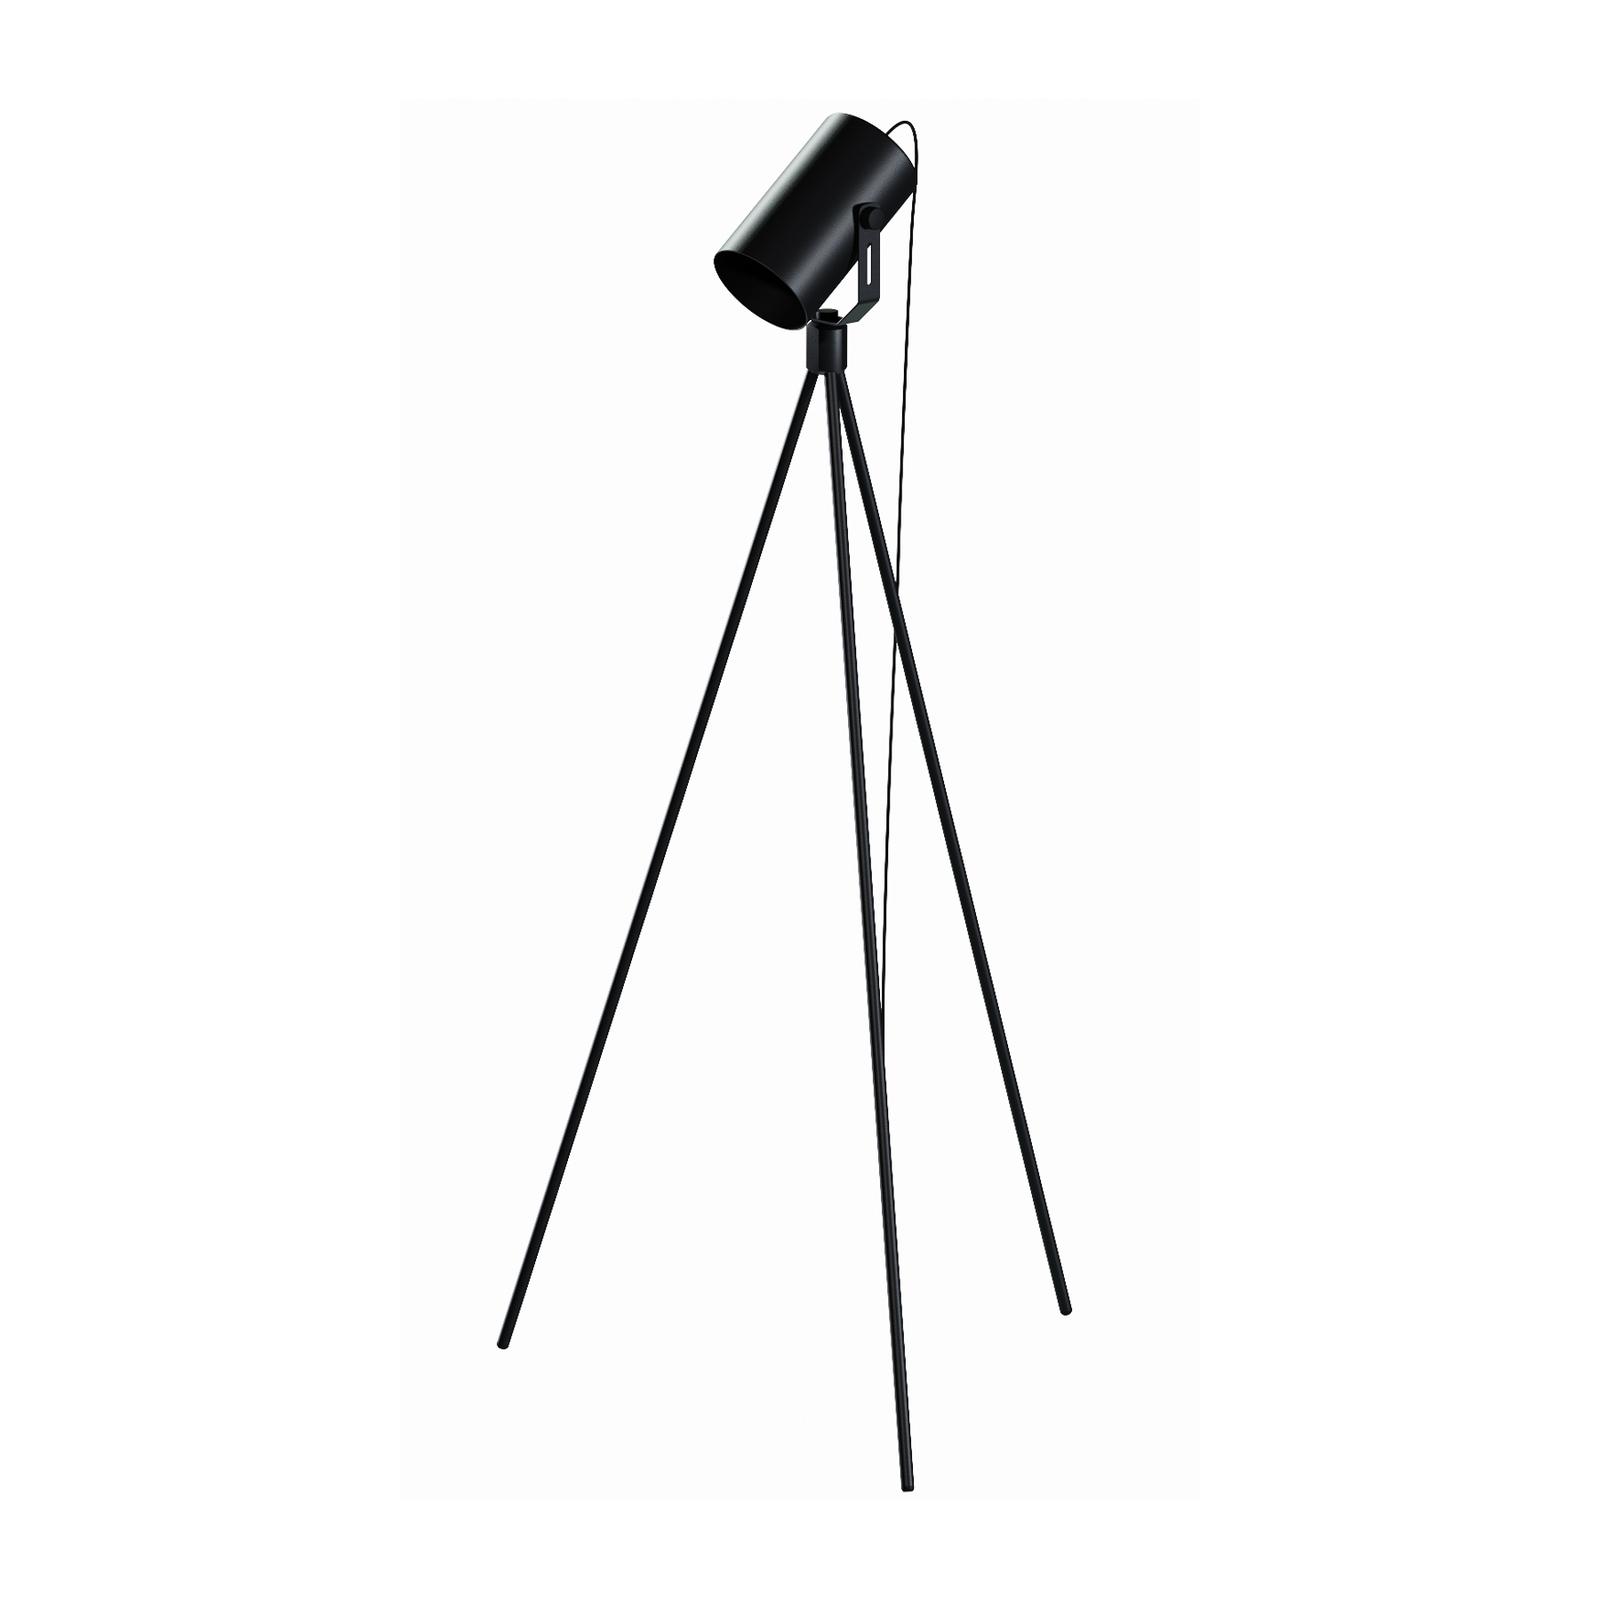 Stehleuchte La Tuba 1250 Dreibein mit Spot schwarz